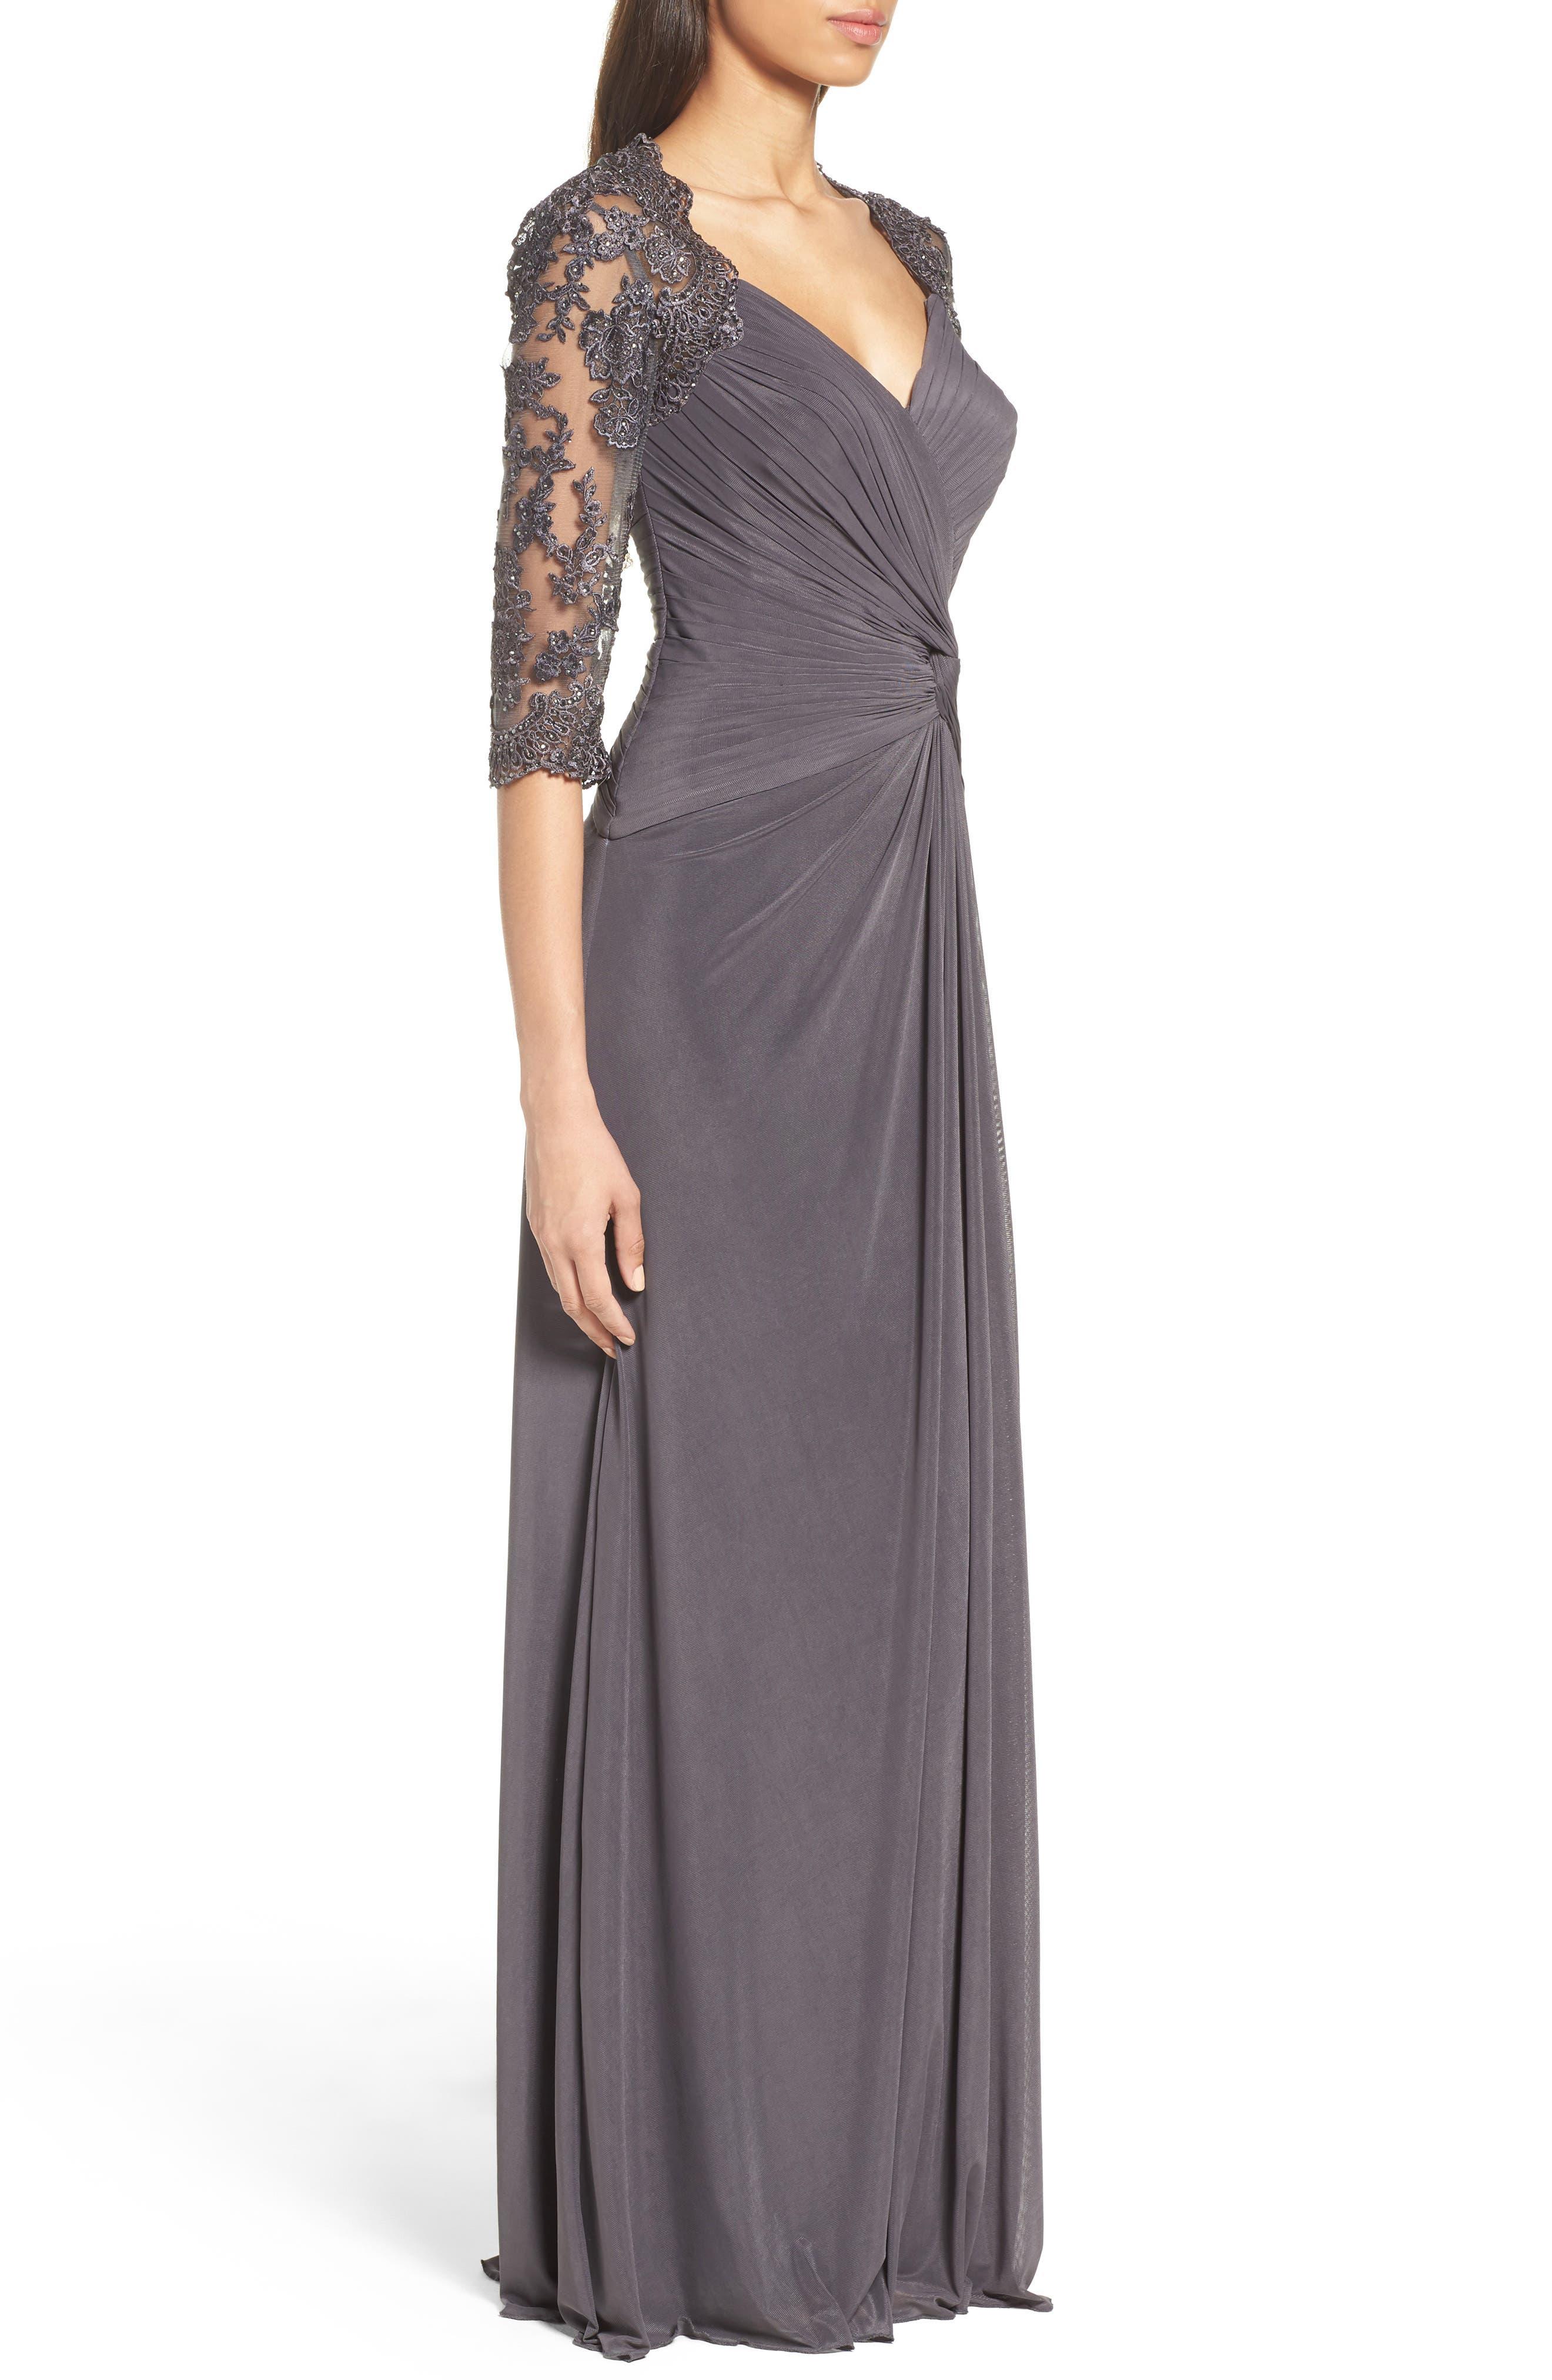 LA FEMME, Lace & Net Ruched Twist Front Gown, Alternate thumbnail 3, color, GUNMETAL